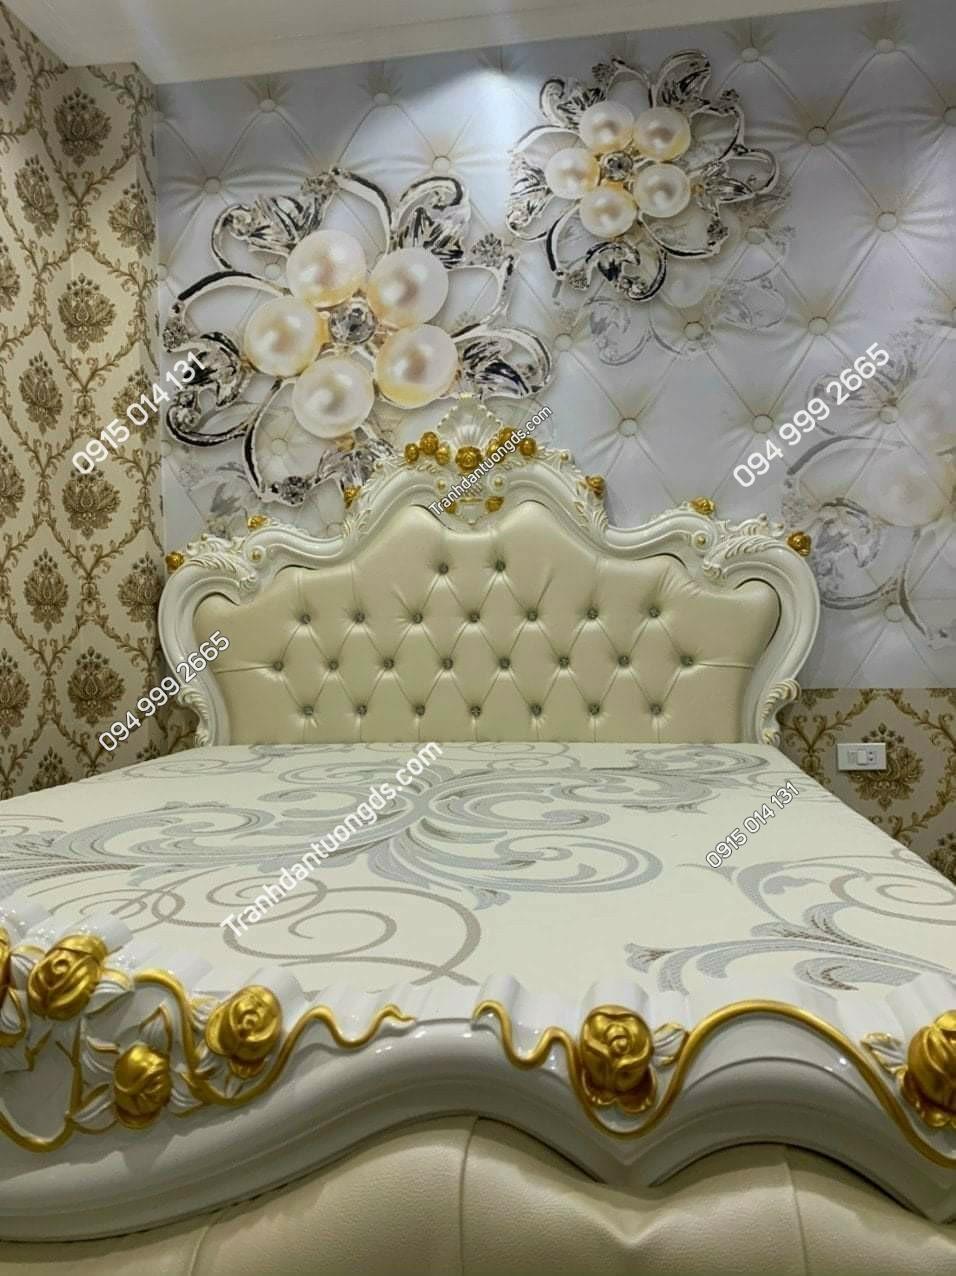 dán tường phòng ngủ kết hợp giấy dán